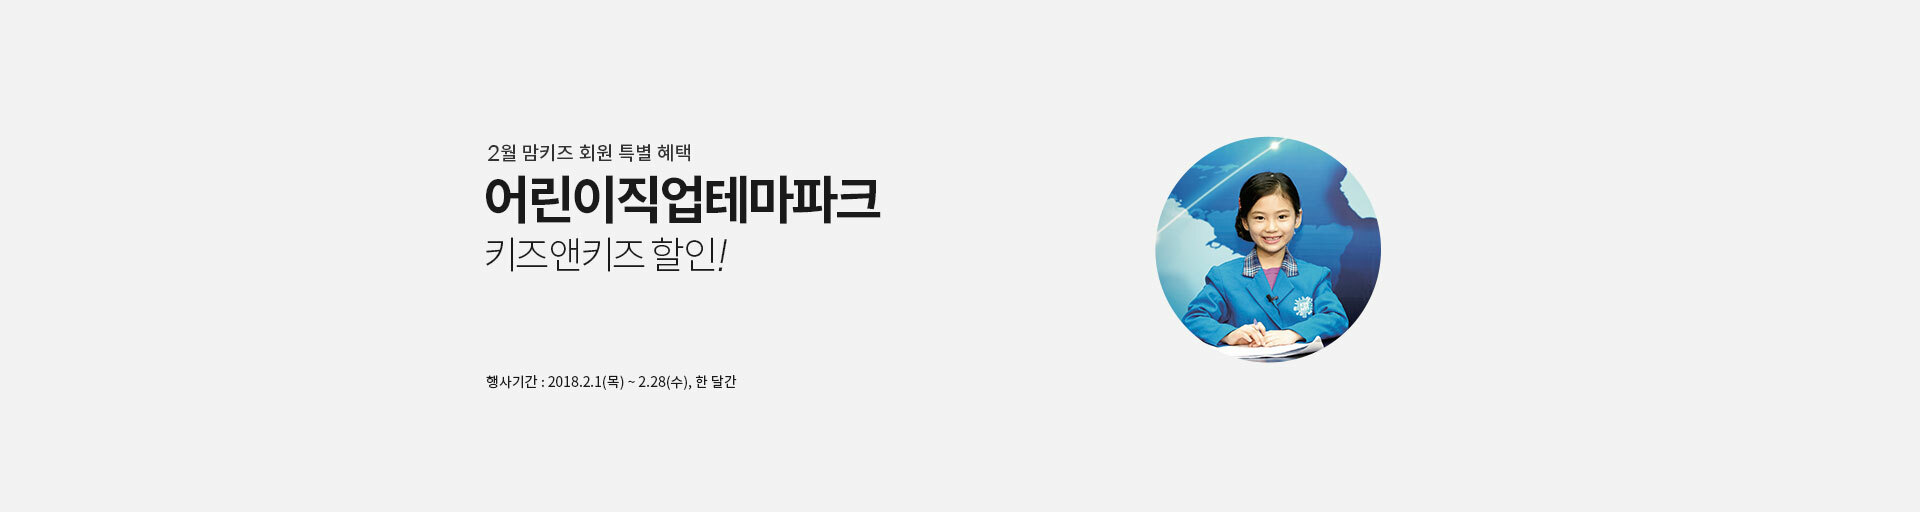 2월 맘키즈 회원 특별 혜택 어린이직업테마파크 키즈앤키즈 할인!  행사기간 : 2/1(목) ~ 2/28(수), 한 달간